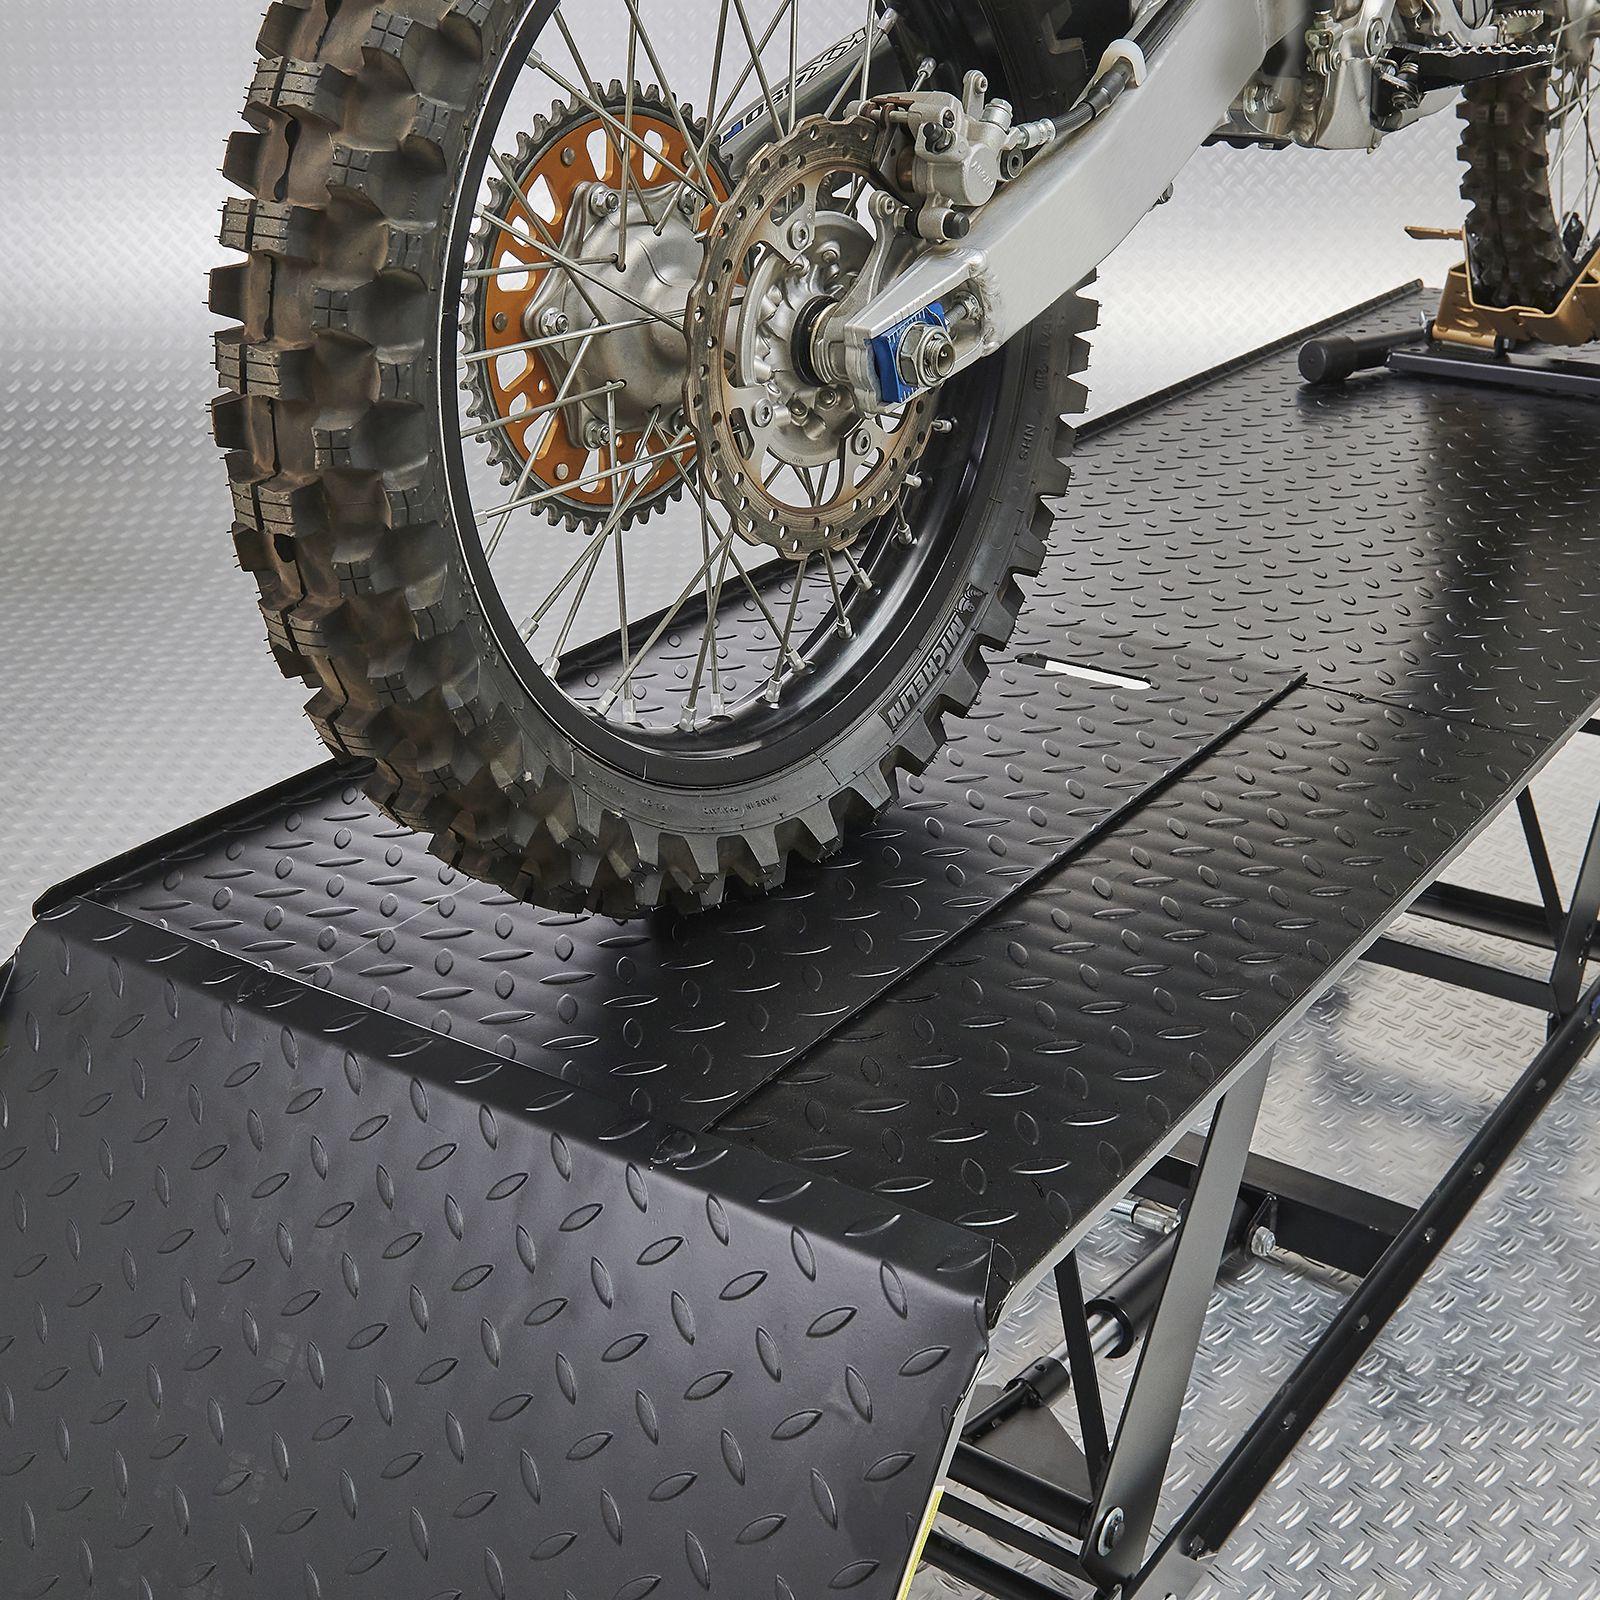 Zwarte motorheftafel 450 kg achterwiel crosser